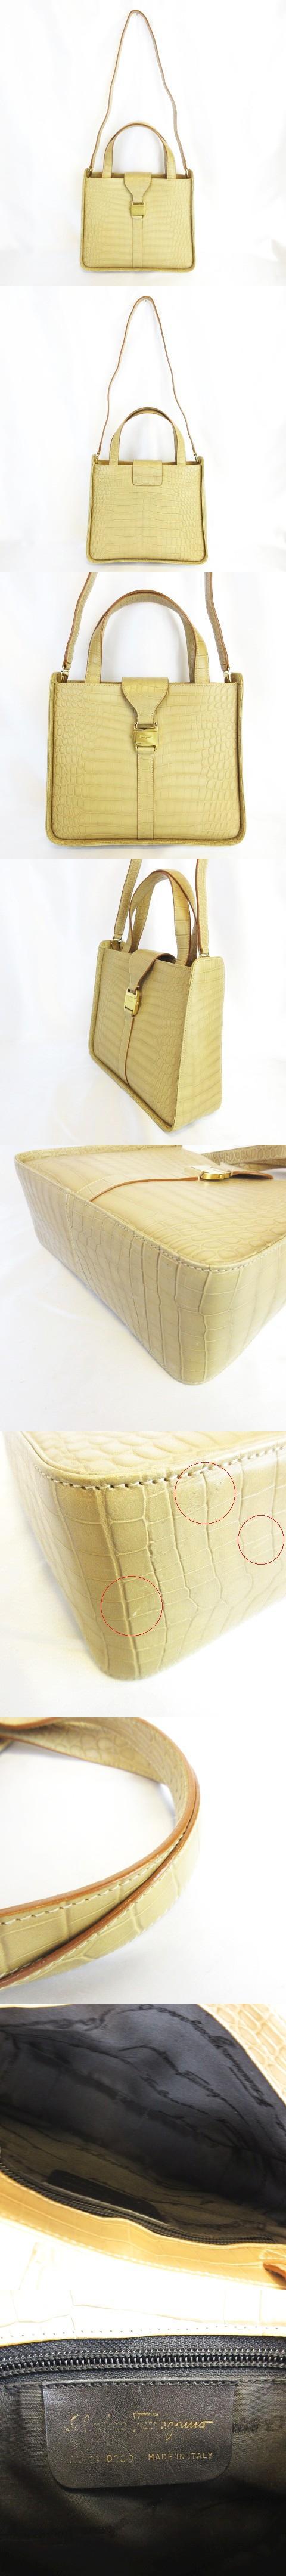 ヴァラ クロコ型押し 牛革 レザー 2WAY ハンドバッグ ワンショルダー ゴールド金具 ベージュ